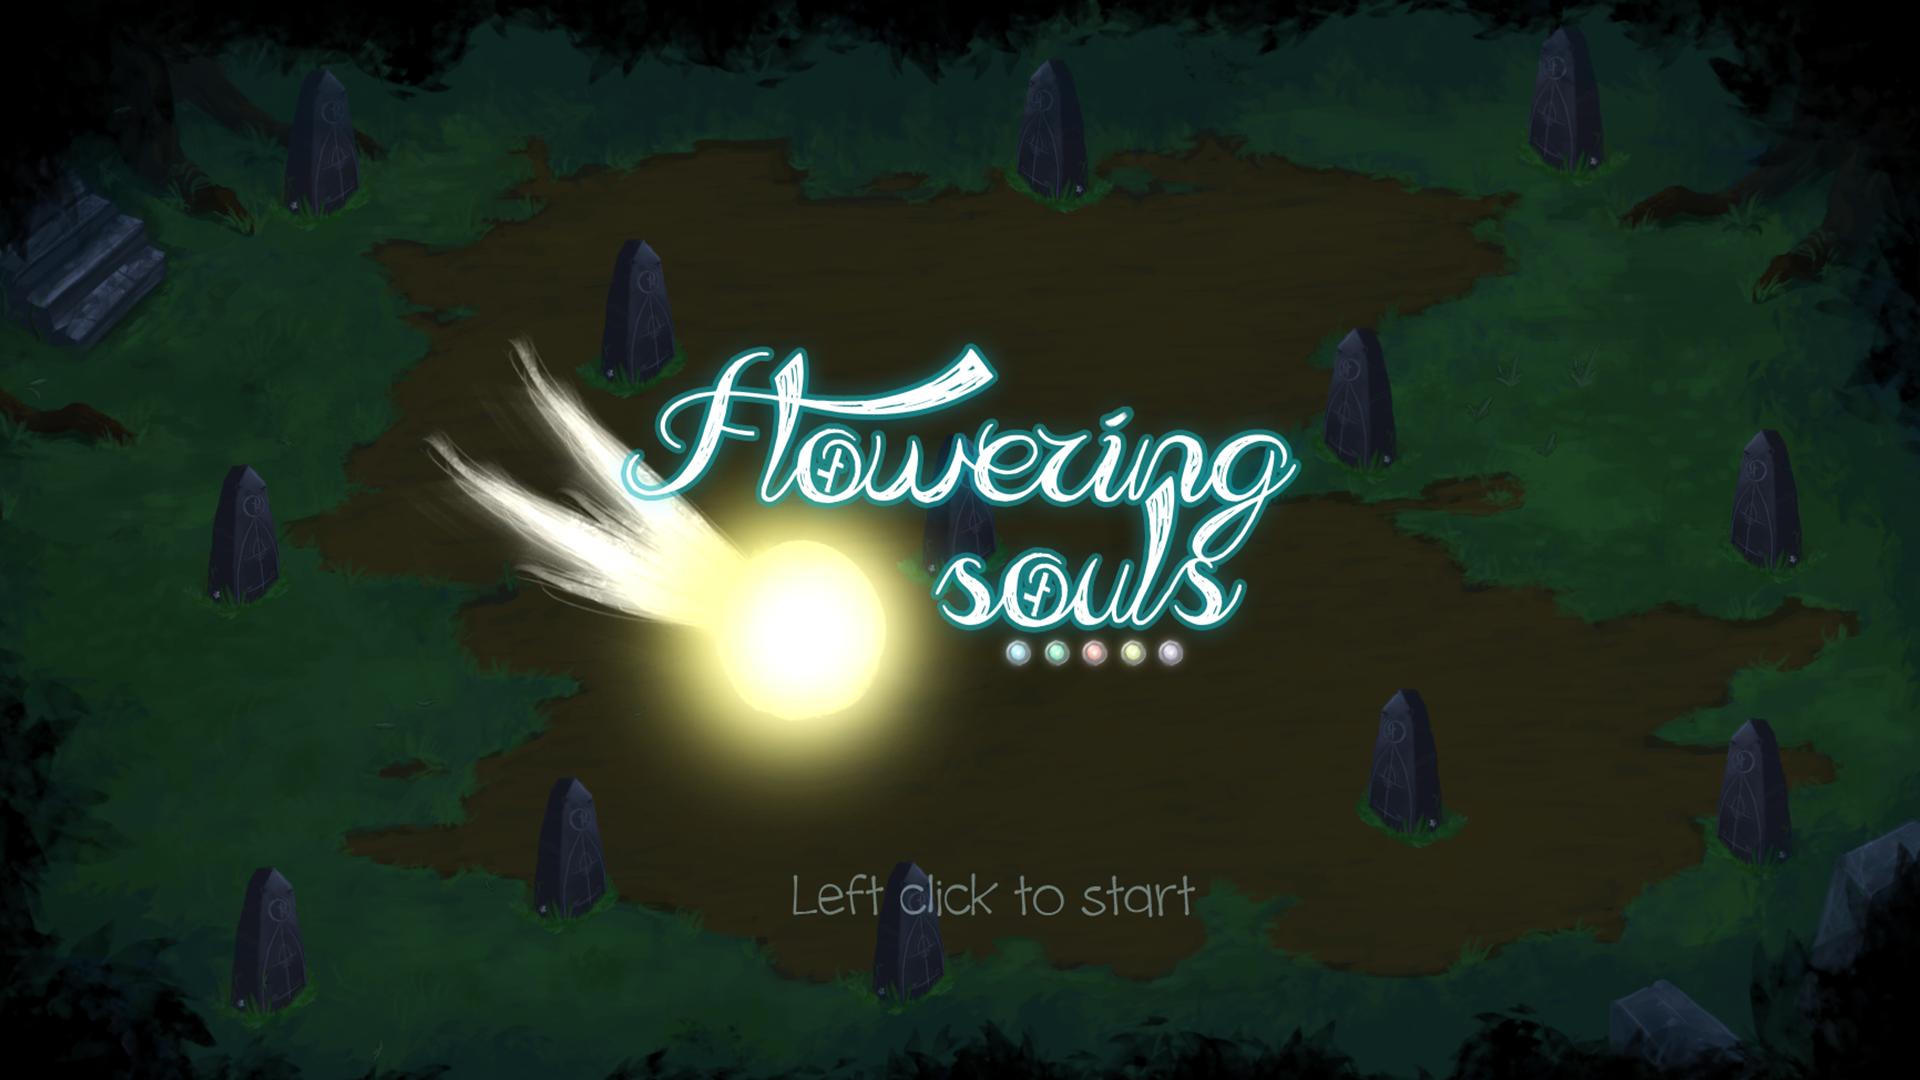 Flowering Souls